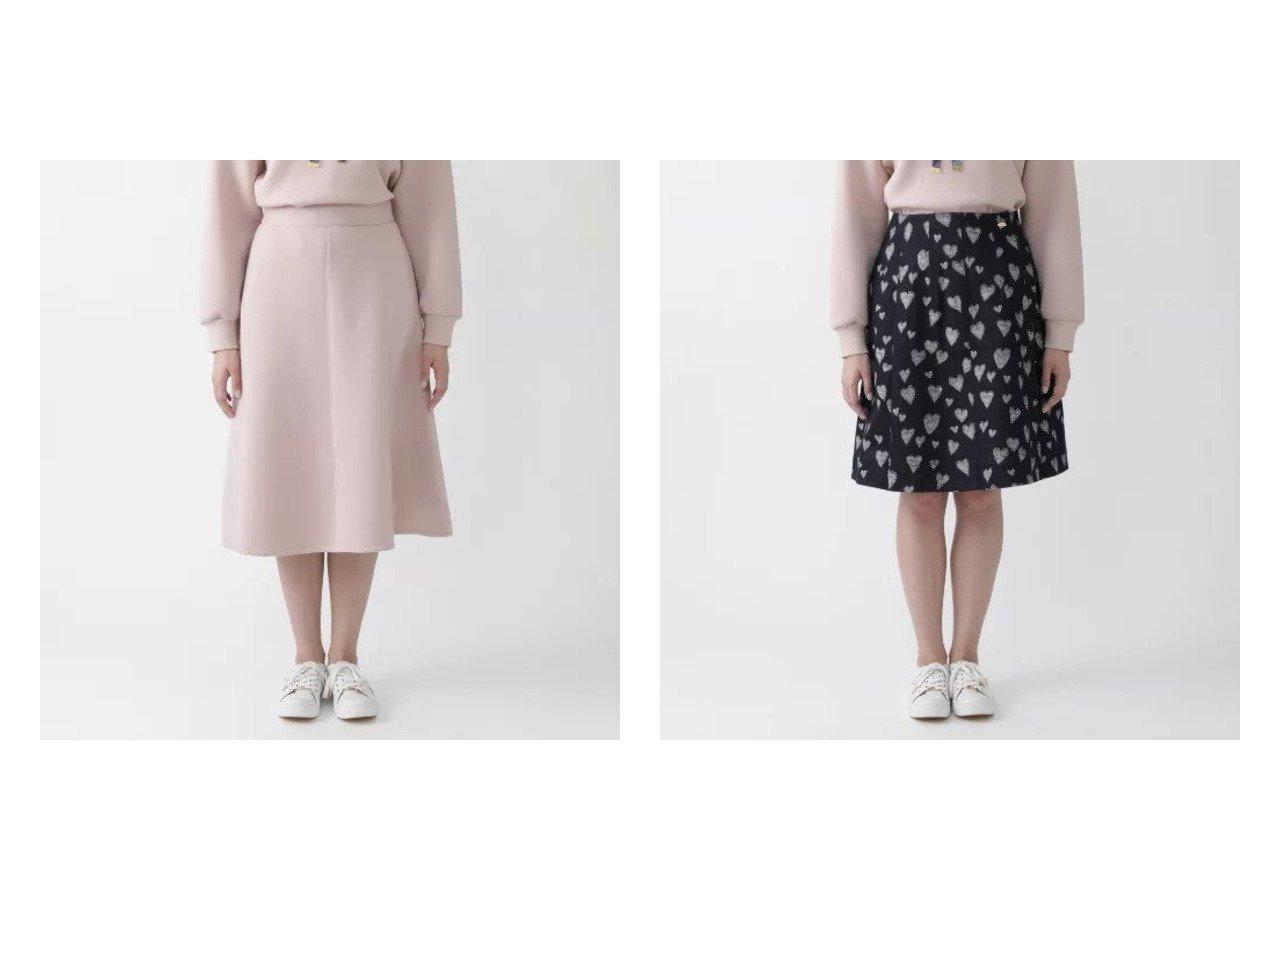 【BLUE LABEL CRESTBRIDGE/ブルーレーベル クレストブリッジ】のエアーダンボールジャージーフレアスカート&ハートフルジャカードデニムスカート 【スカート】おすすめ!人気、トレンド・レディースファッションの通販   おすすめで人気の流行・トレンド、ファッションの通販商品 インテリア・家具・メンズファッション・キッズファッション・レディースファッション・服の通販 founy(ファニー) https://founy.com/ ファッション Fashion レディースファッション WOMEN スカート Skirt デニムスカート Denim Skirts Aライン/フレアスカート Flared A-Line Skirts ショート デニム プリント おすすめ Recommend セットアップ フレアースカート |ID:crp329100000066096